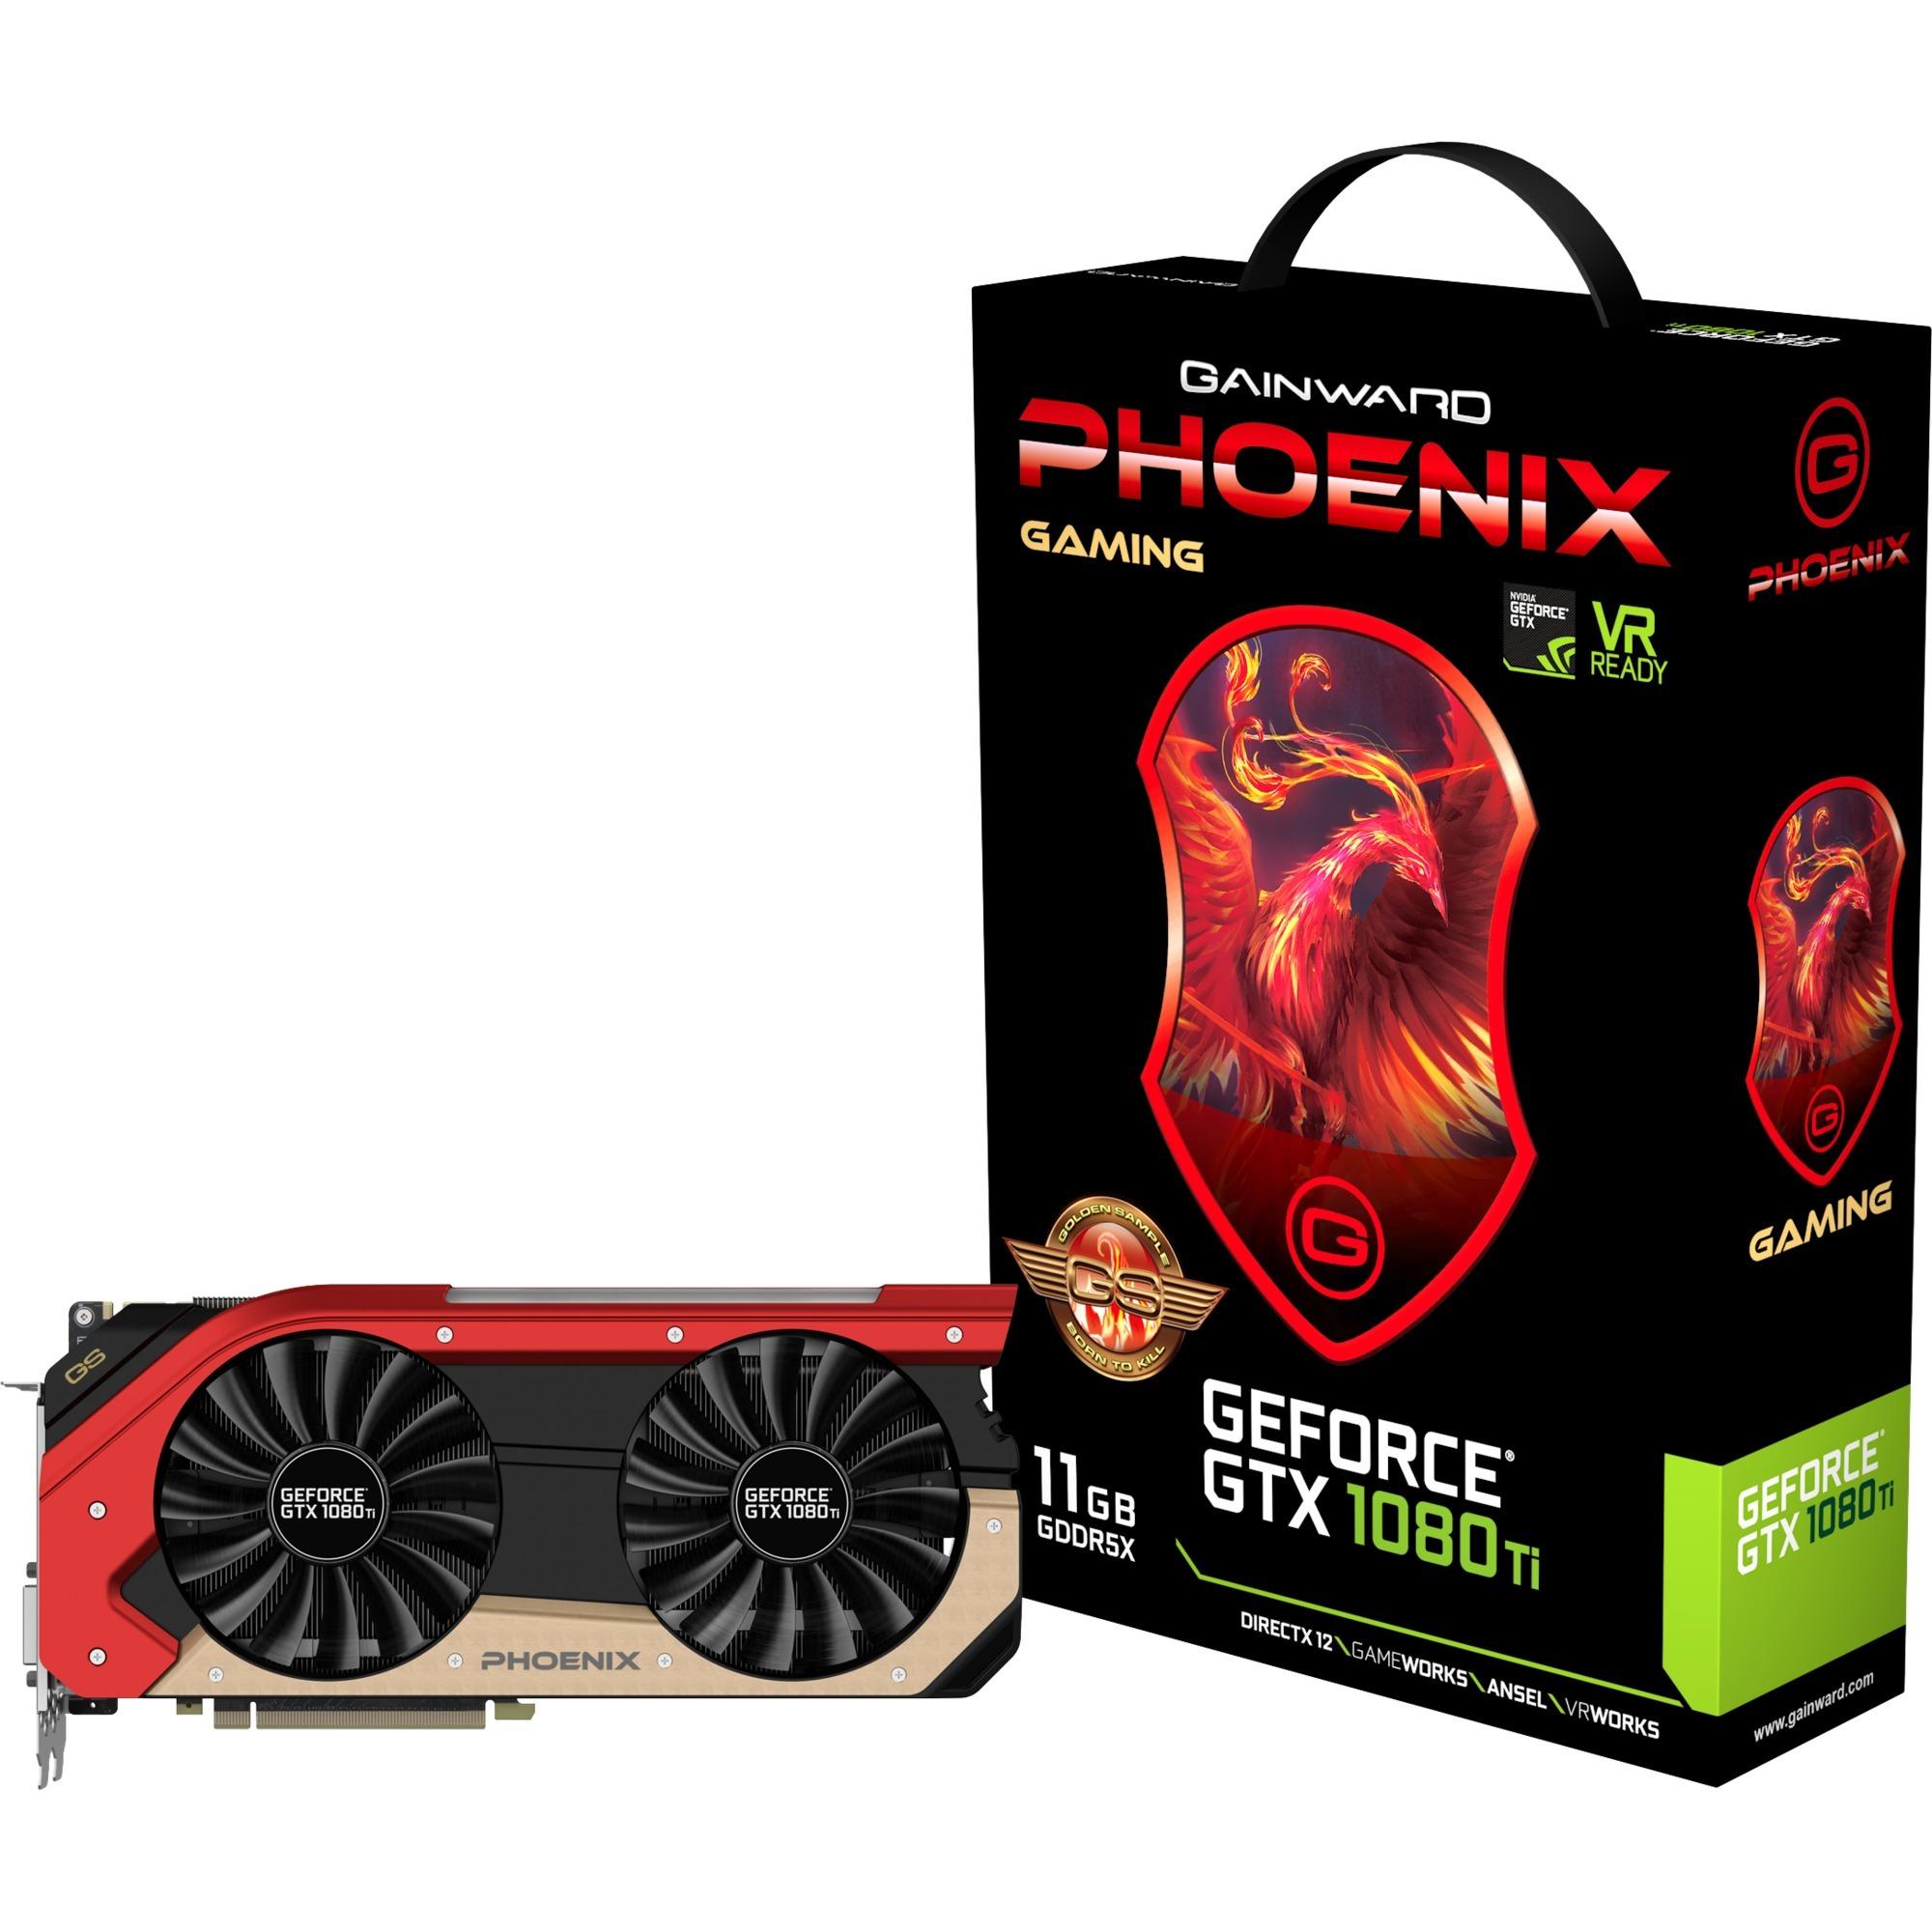 426018336-3934 GeForce GTX 1080 Ti 11GB GDDR5X tarjeta gráfica